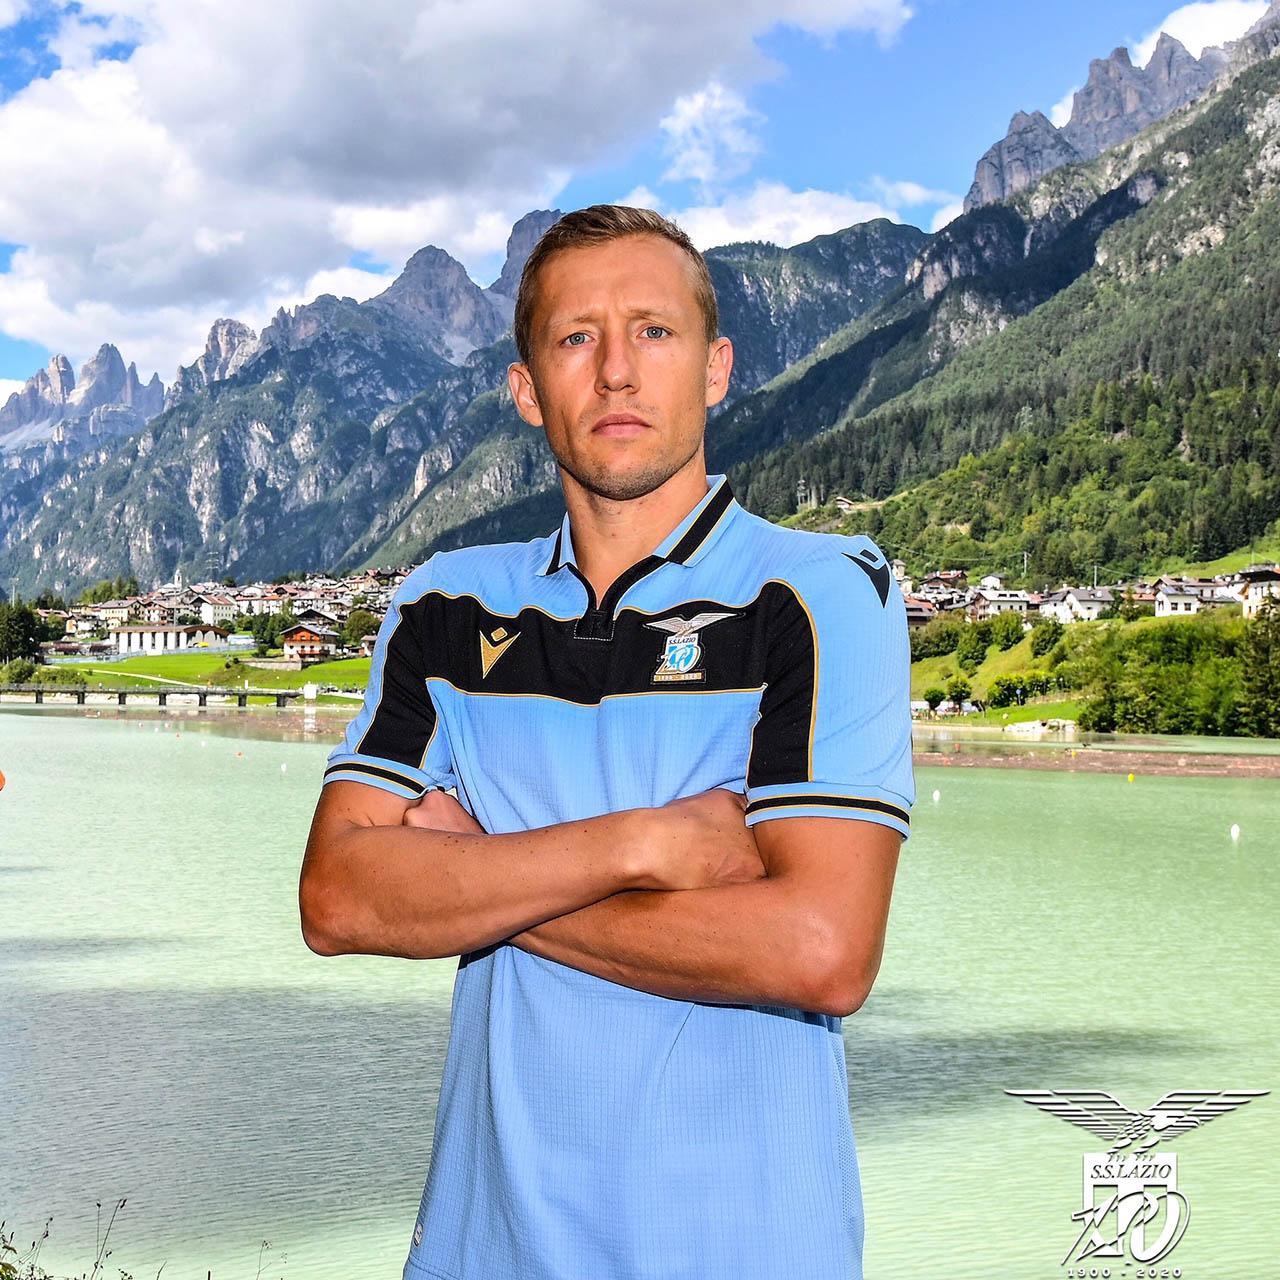 Camisa da Champions League da Lazio 2020-2021 Macron